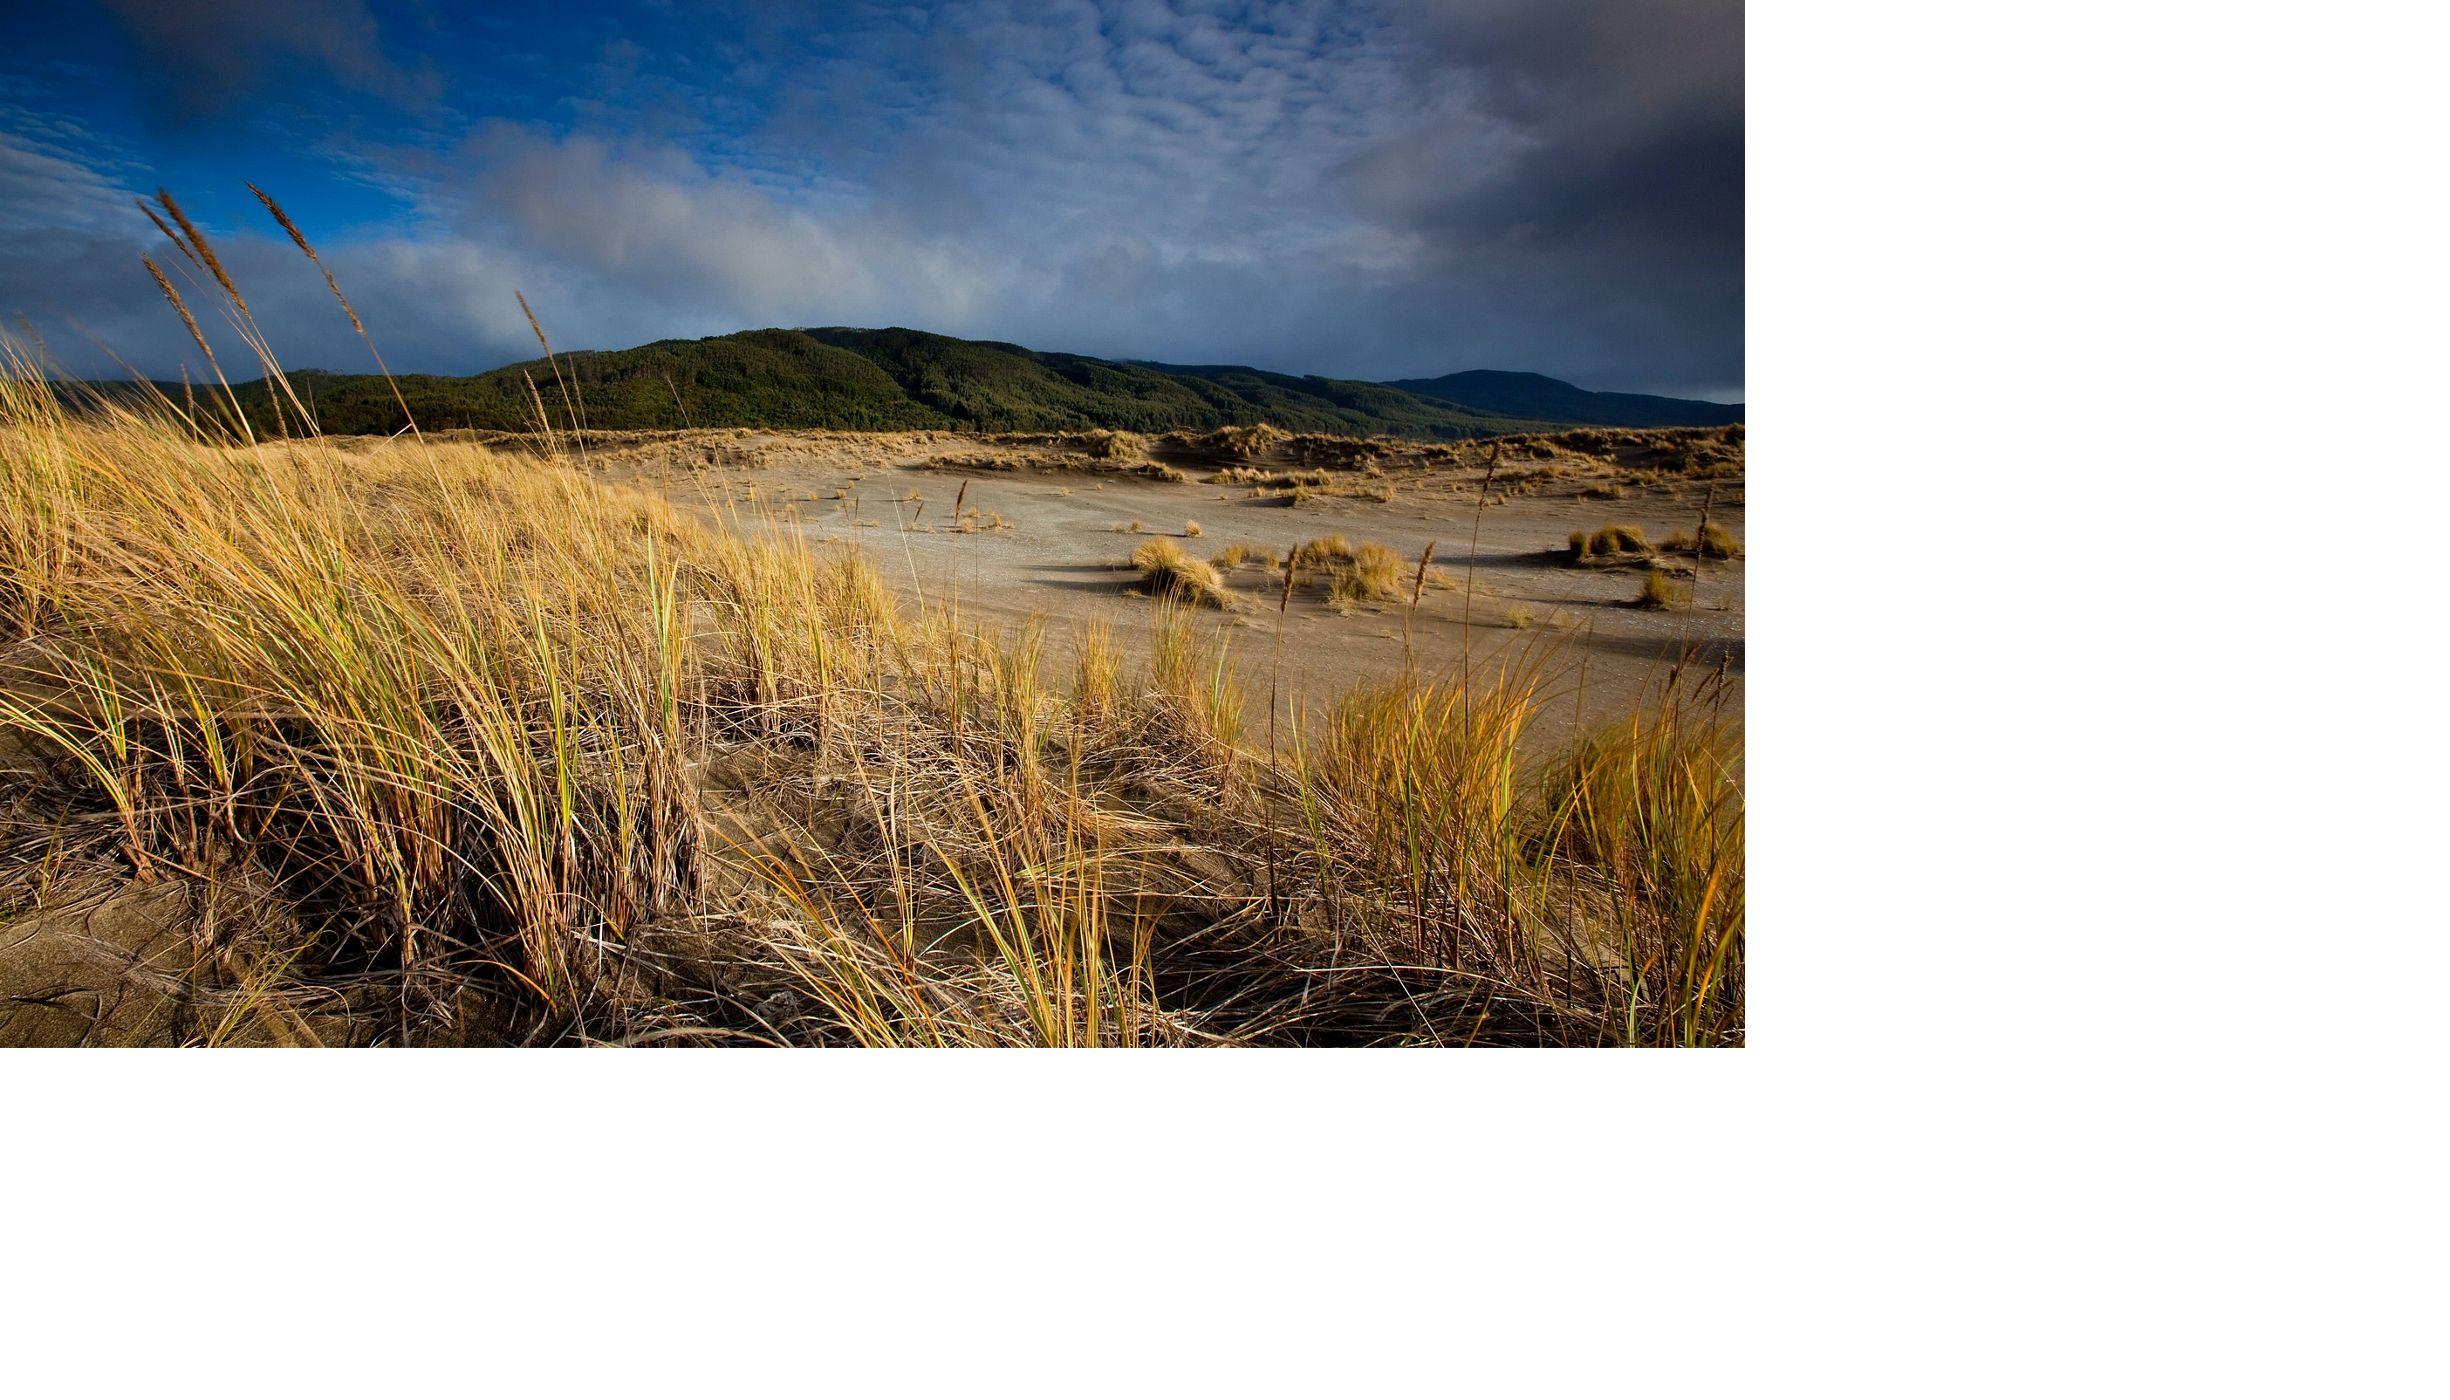 Vista de la Reserva de Valdivia